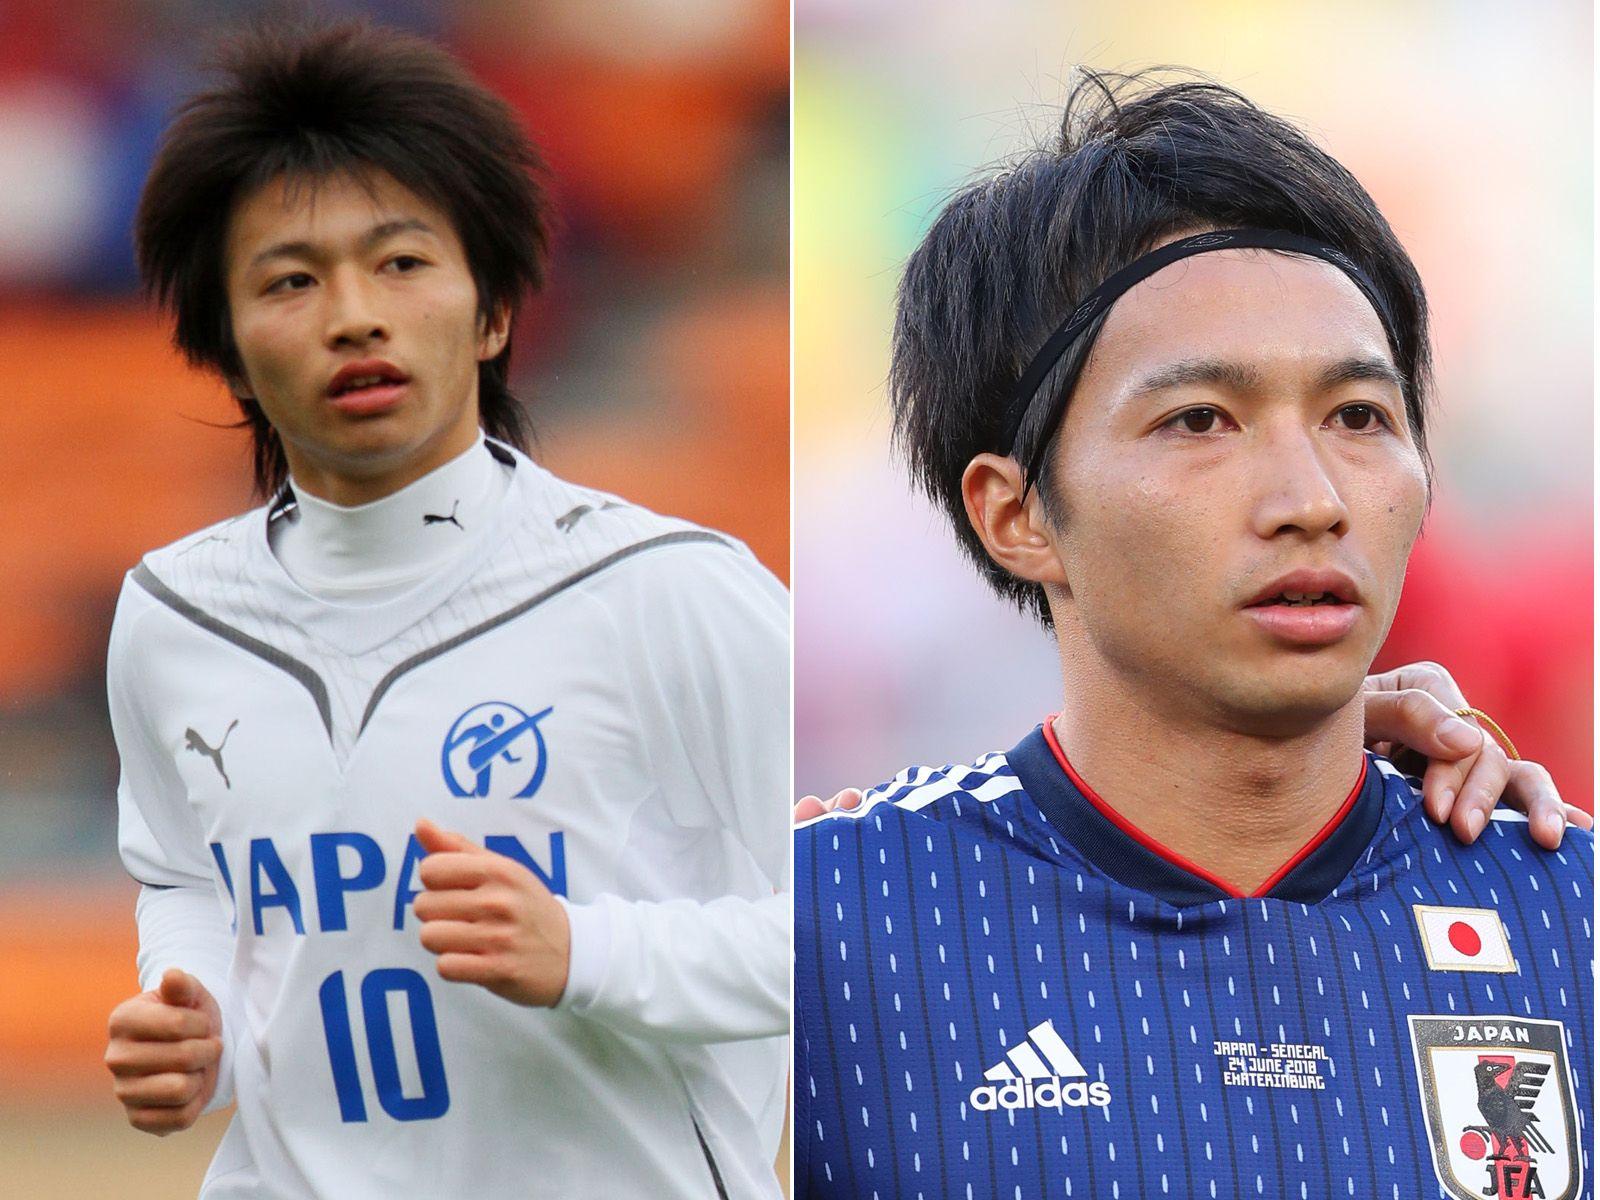 個性が爆発! 歴代サッカー代表選手のキャラ立ちヘア、ビフォア ...